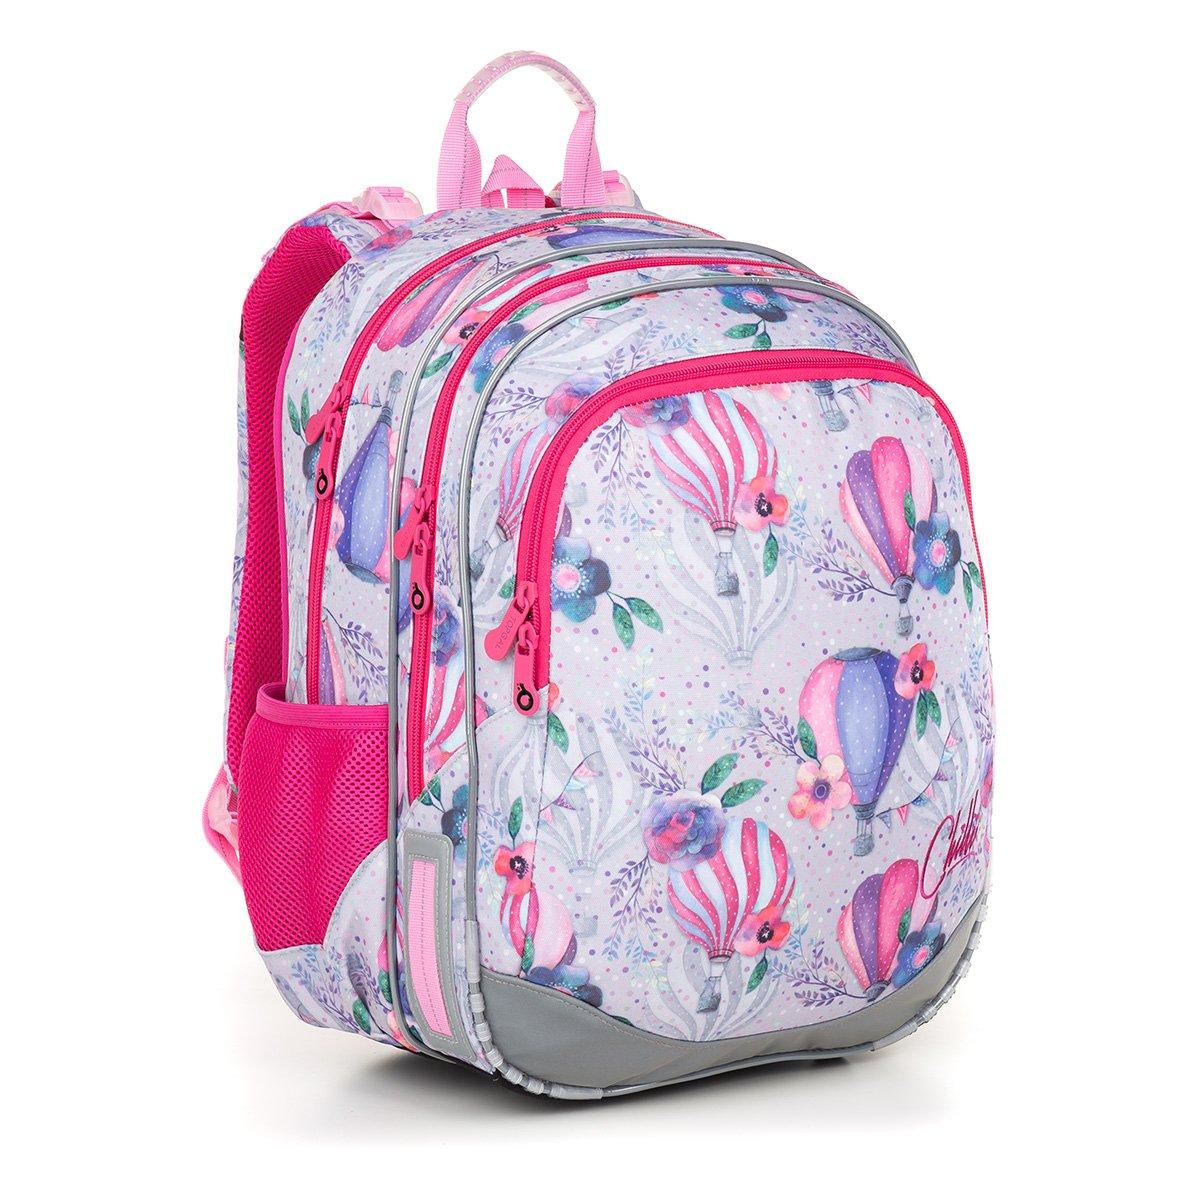 cc4bec7172 Školní batoh Topgal ELLY 18007 G